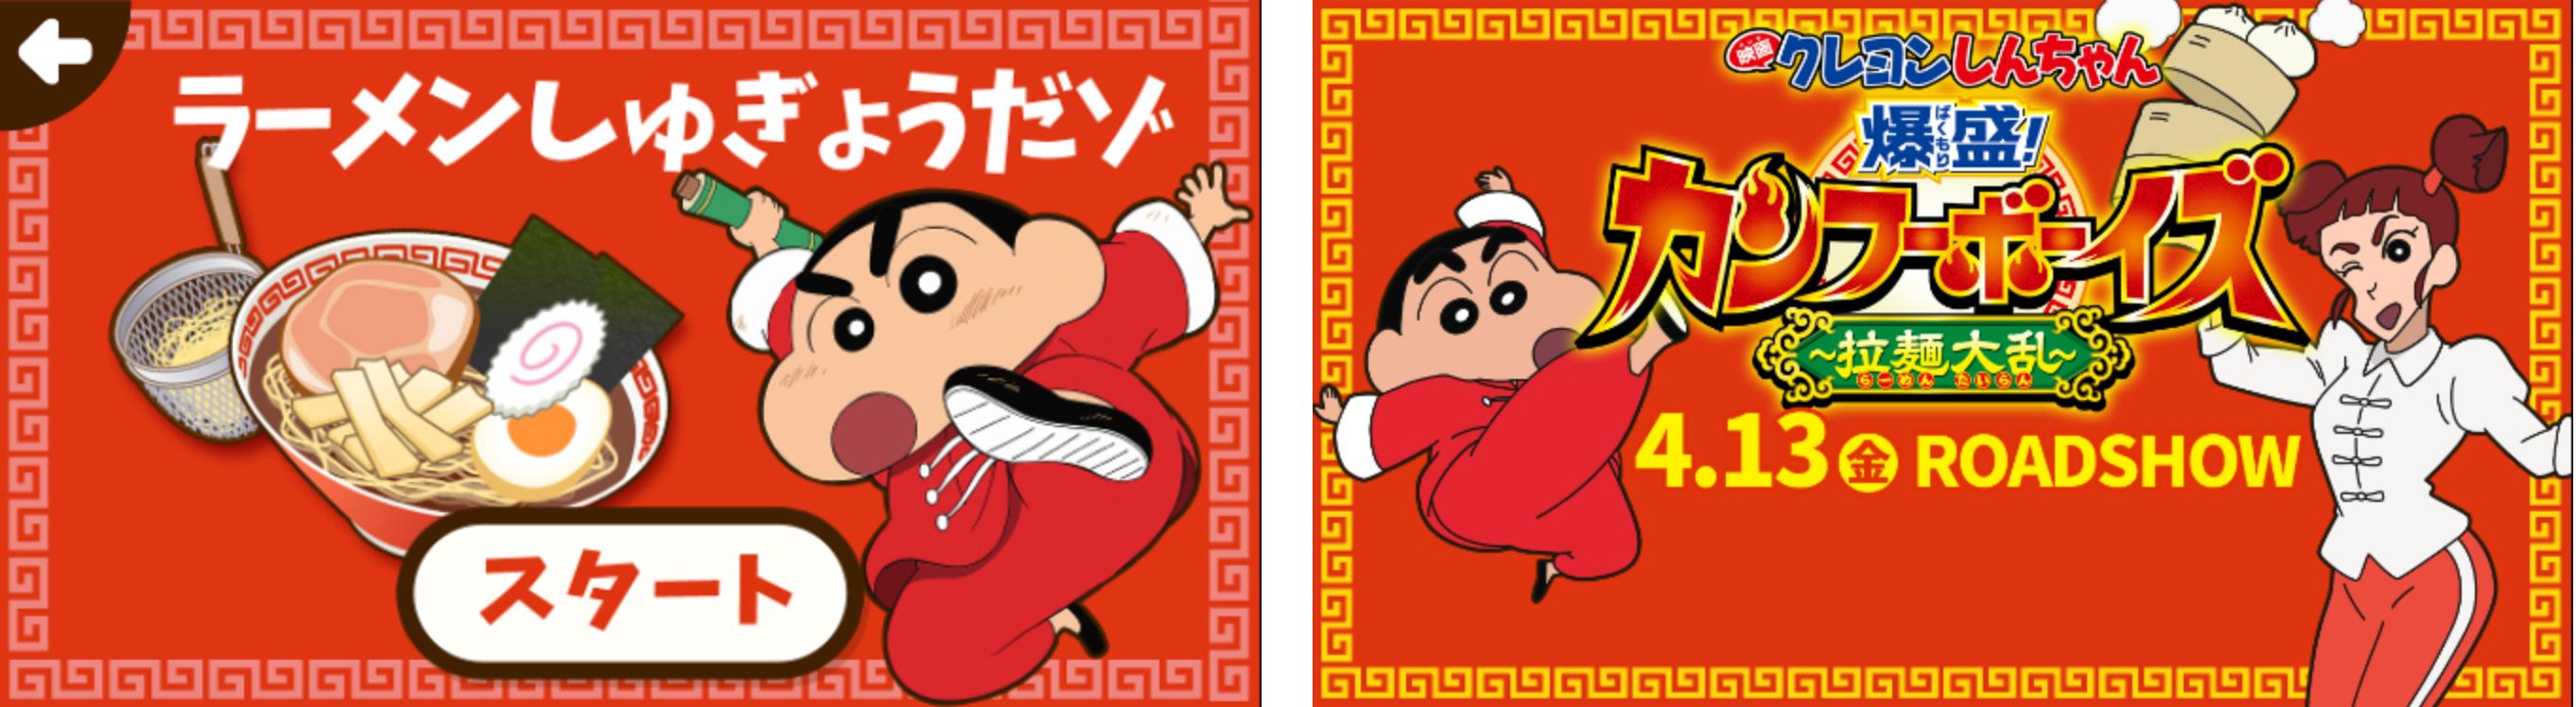 クレヨンしんちゃんゲームタイトル